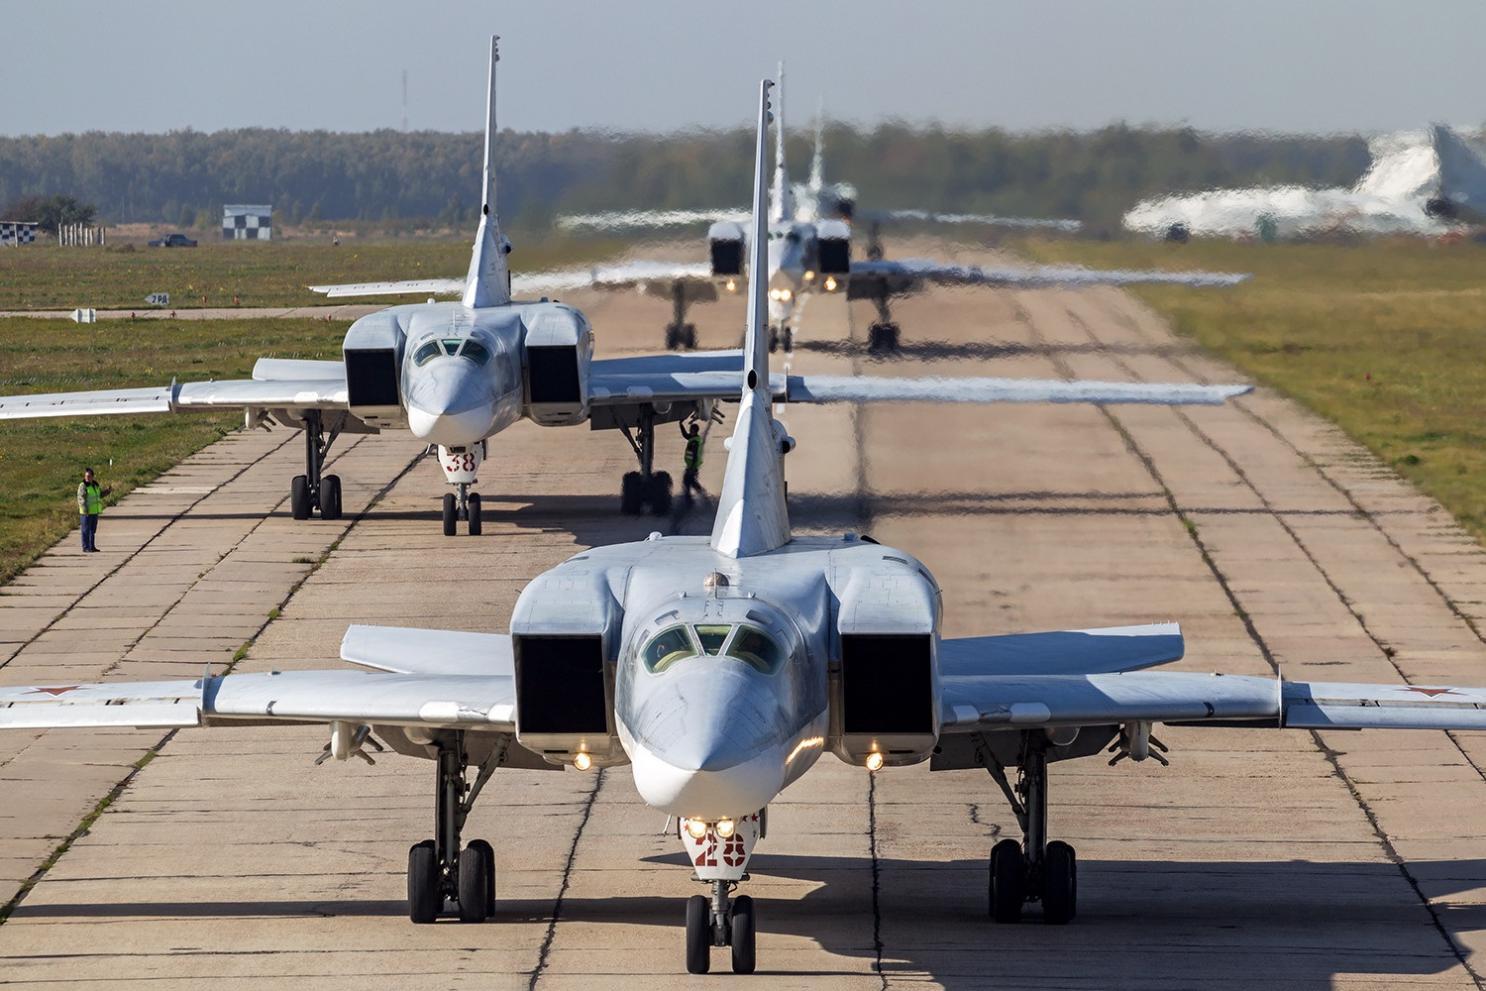 Bombardierele Tupolev din Crimeea – reacţie la sistemul balistic din România